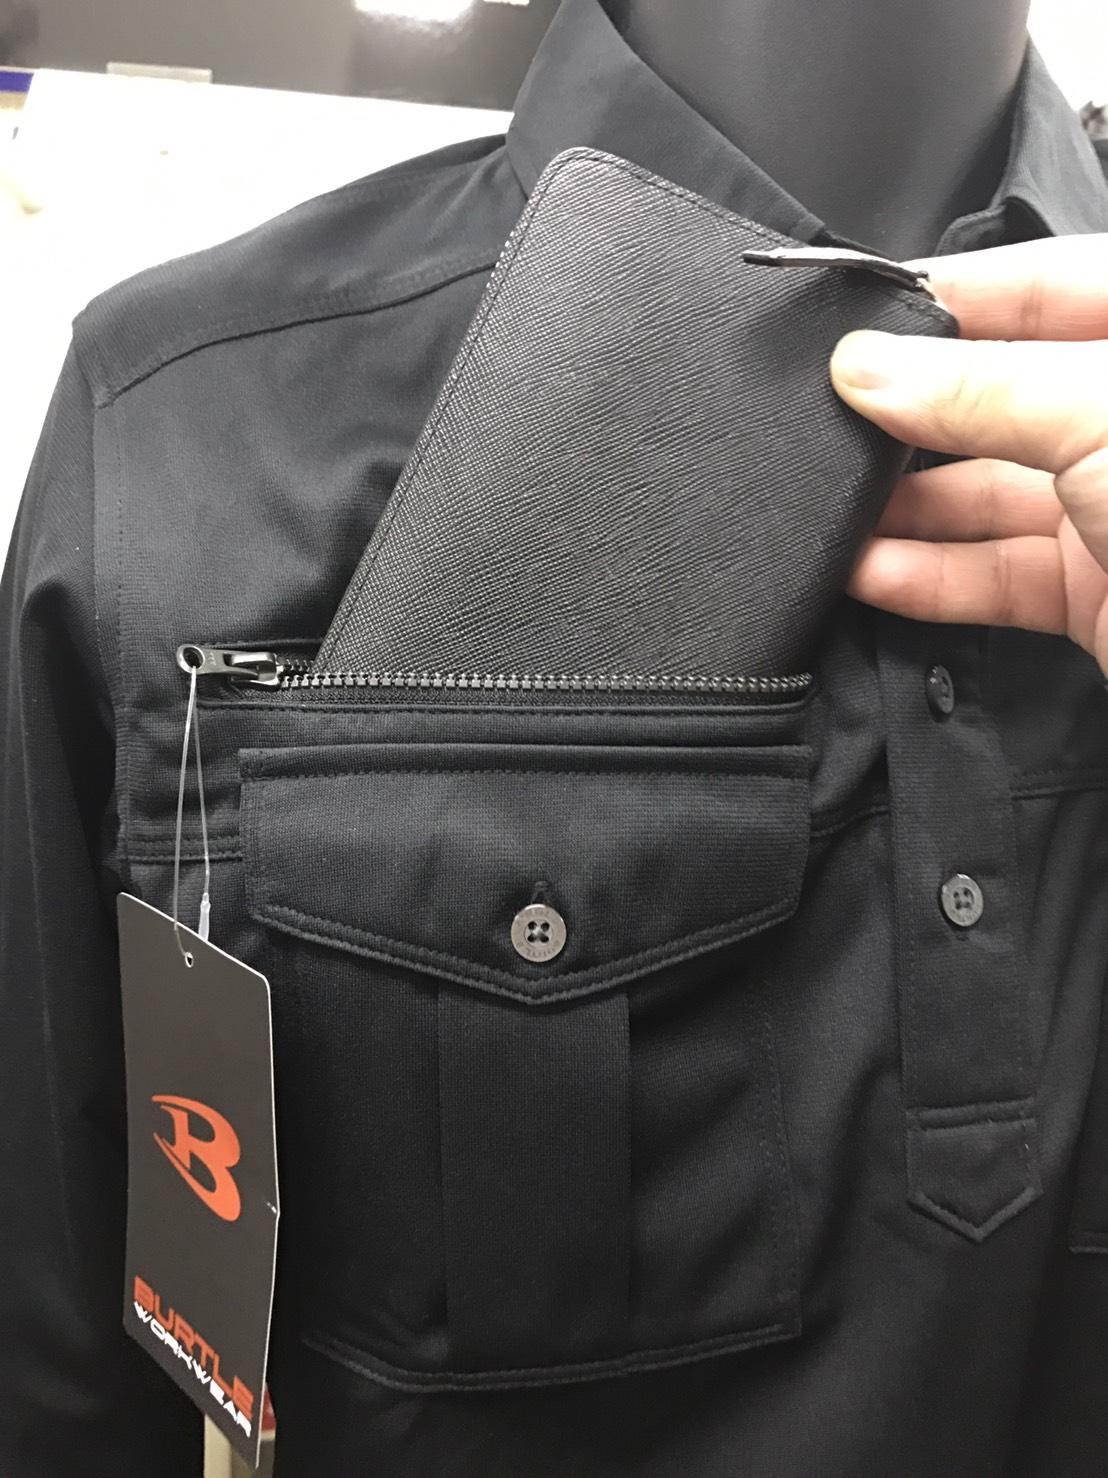 BURTLE~バートル~705 ワークシャツ。深さ20cmの大型ポケット!!